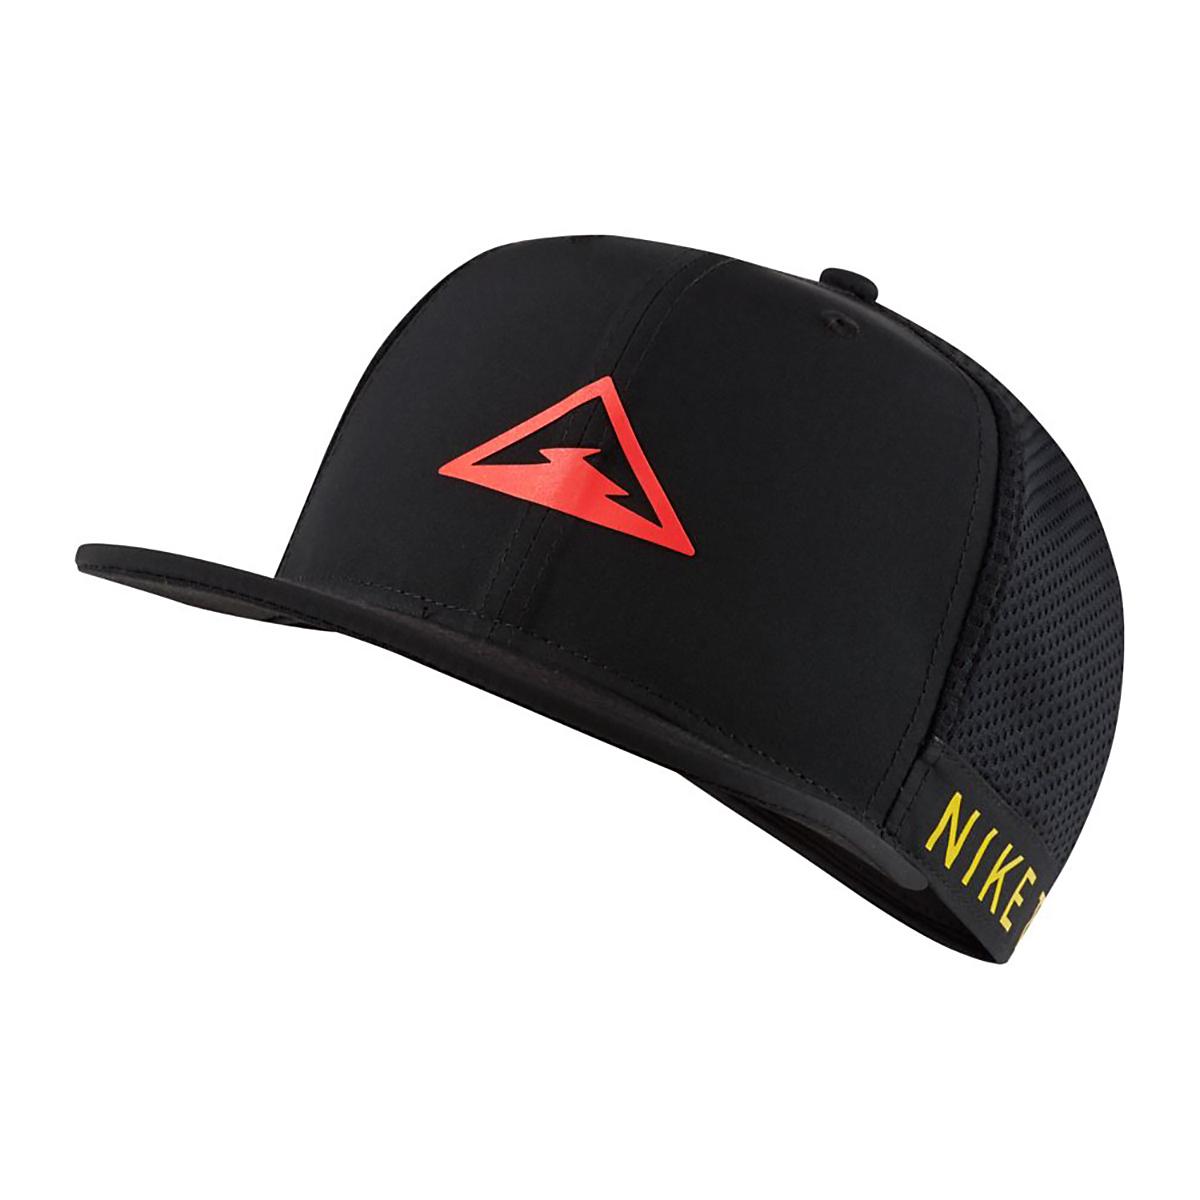 Nike Dri-FIT Pro Trail Cap - Color: Black, Black, large, image 1